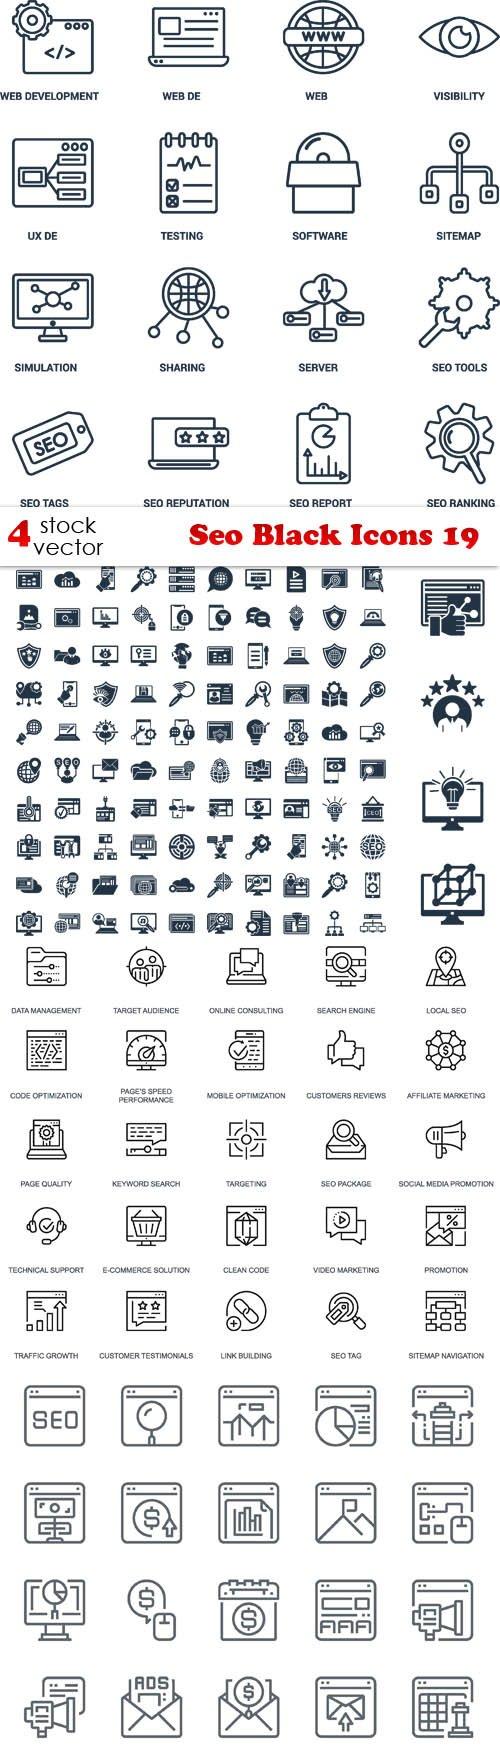 Vectors - Seo Black Icons 19